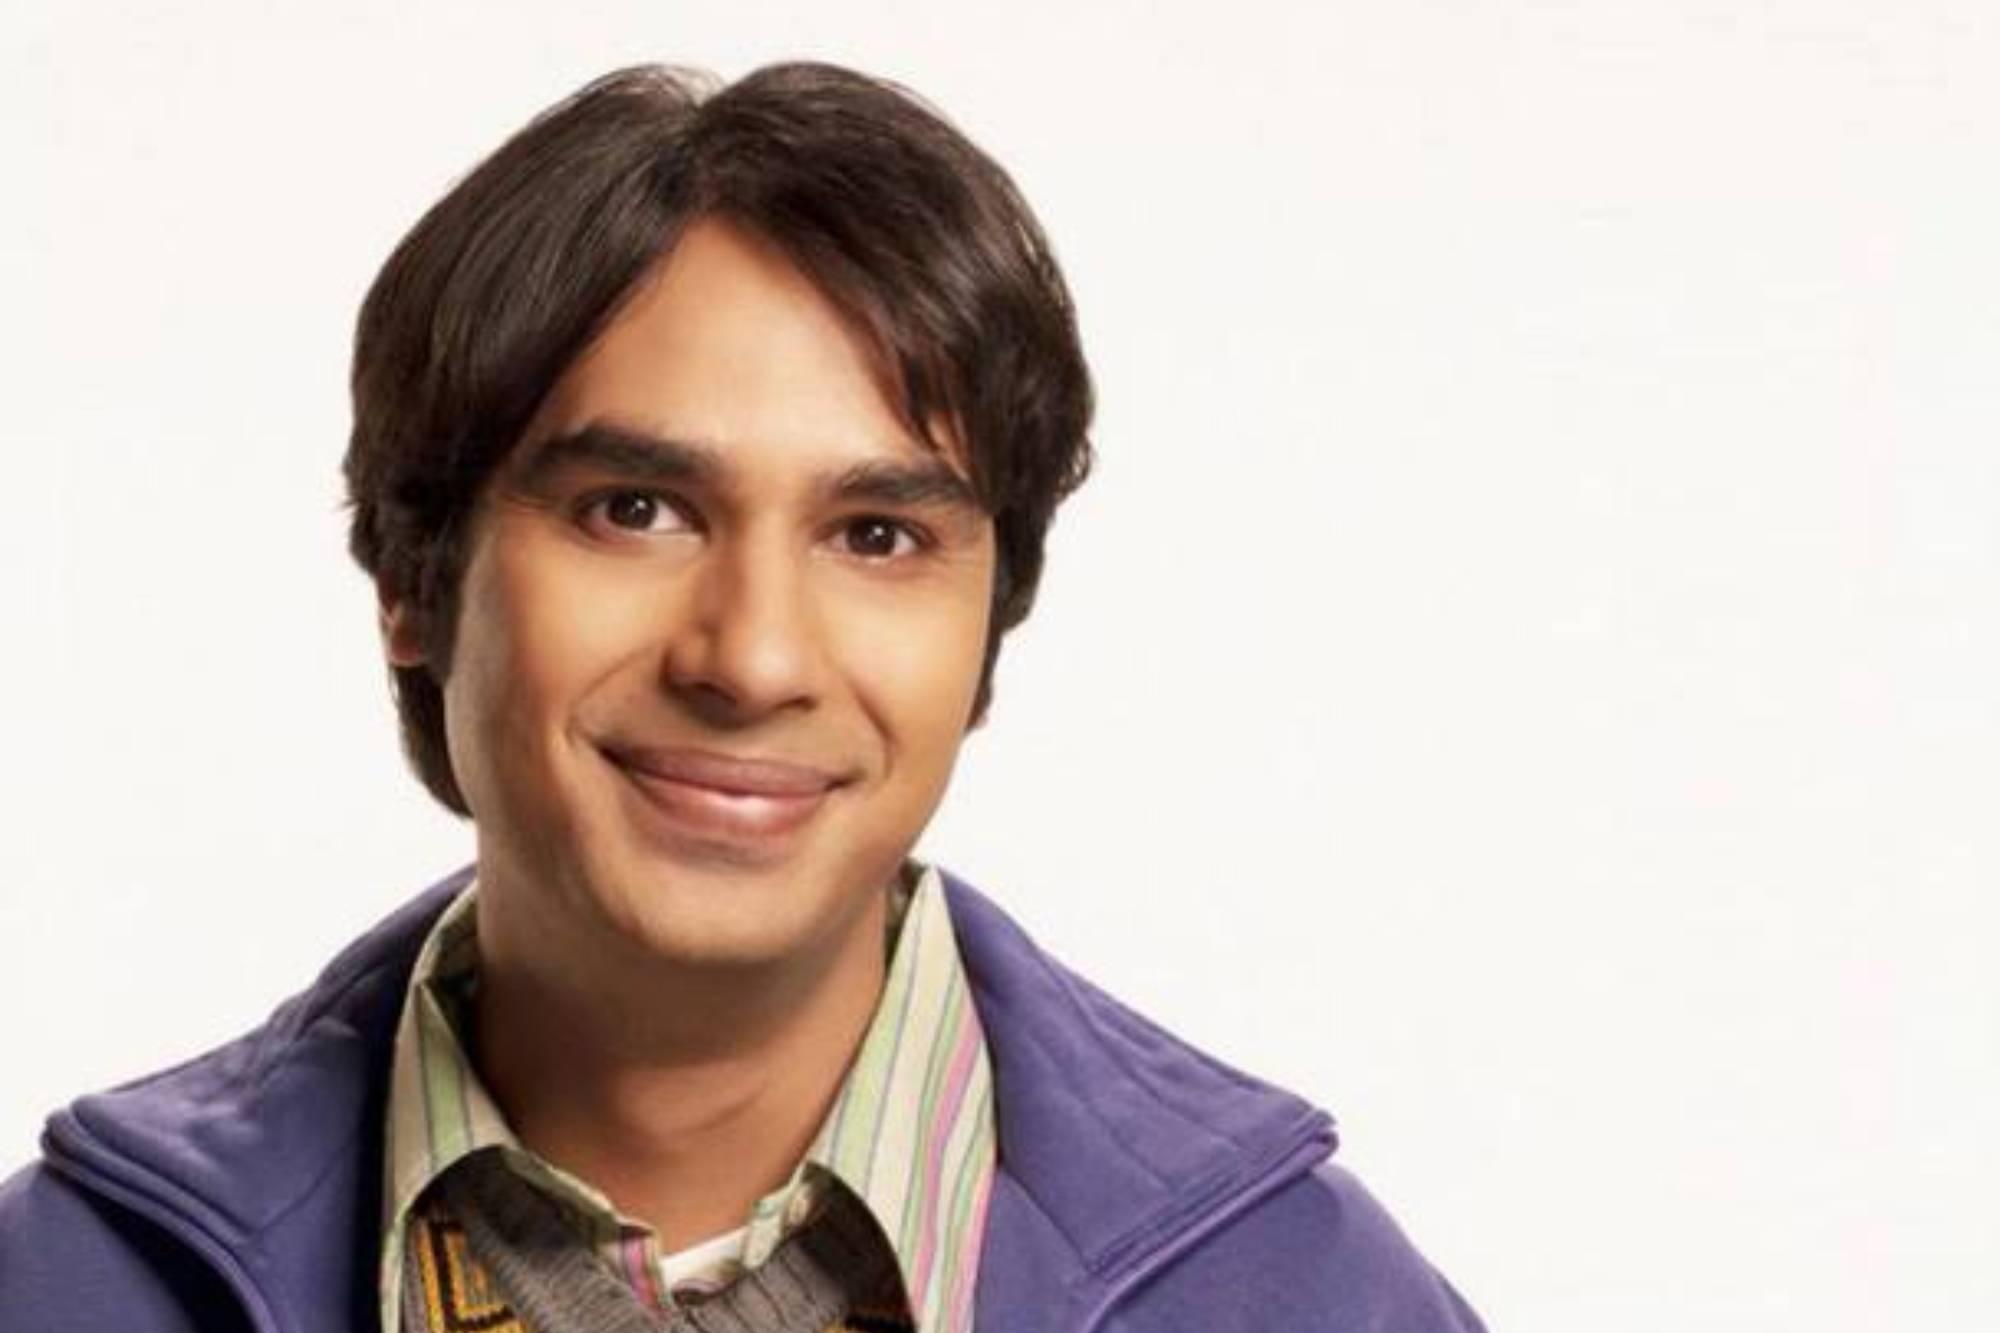 """El increíble cambio físico de """"Raj"""", actor de The Big Bang Theory"""